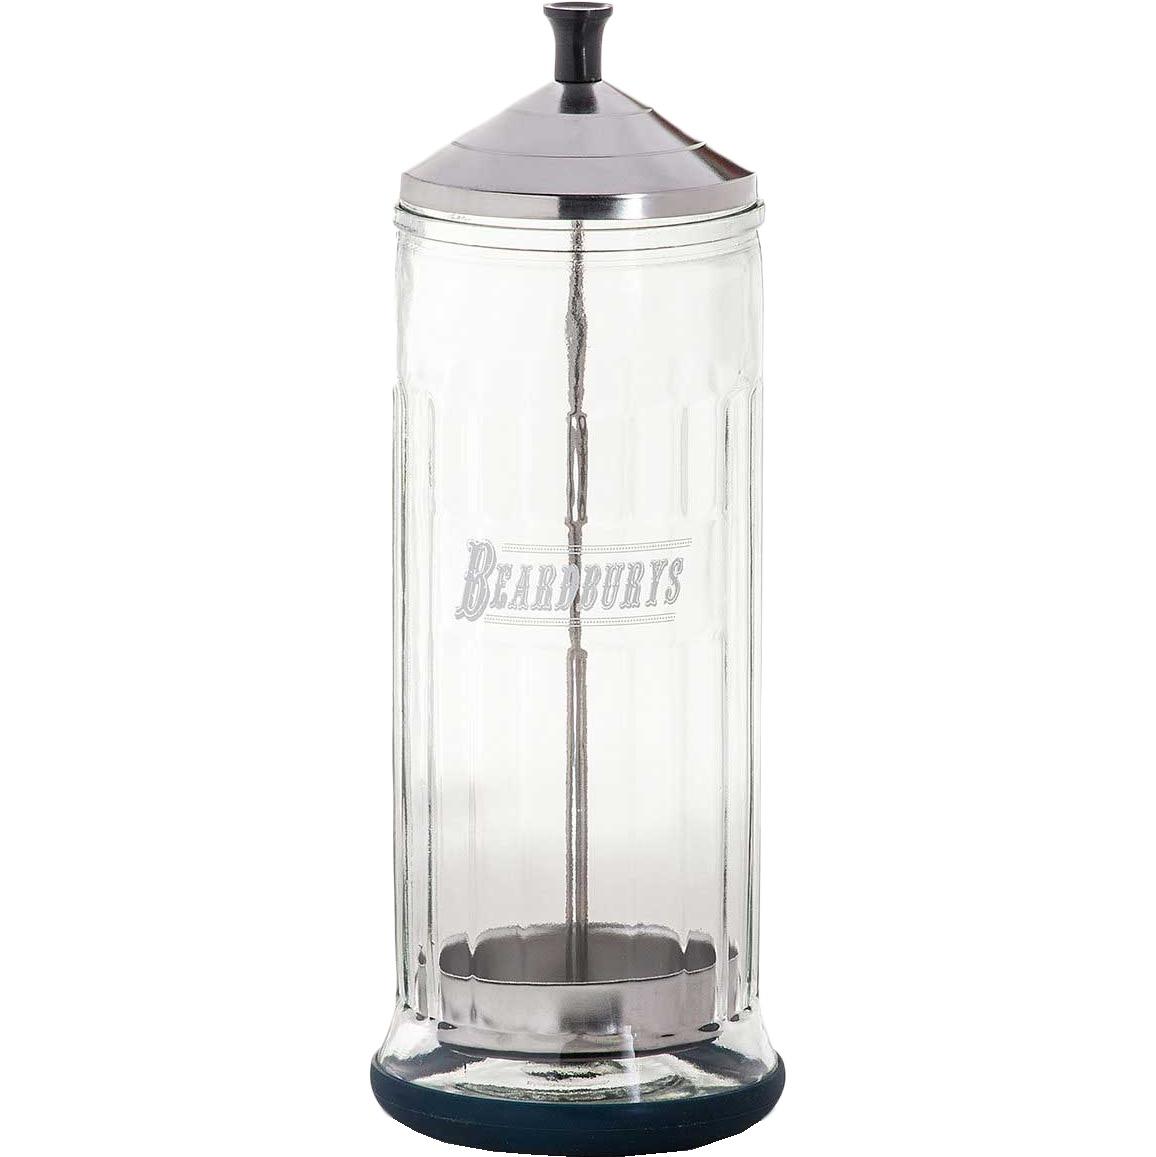 Desinfectant Jar - 1